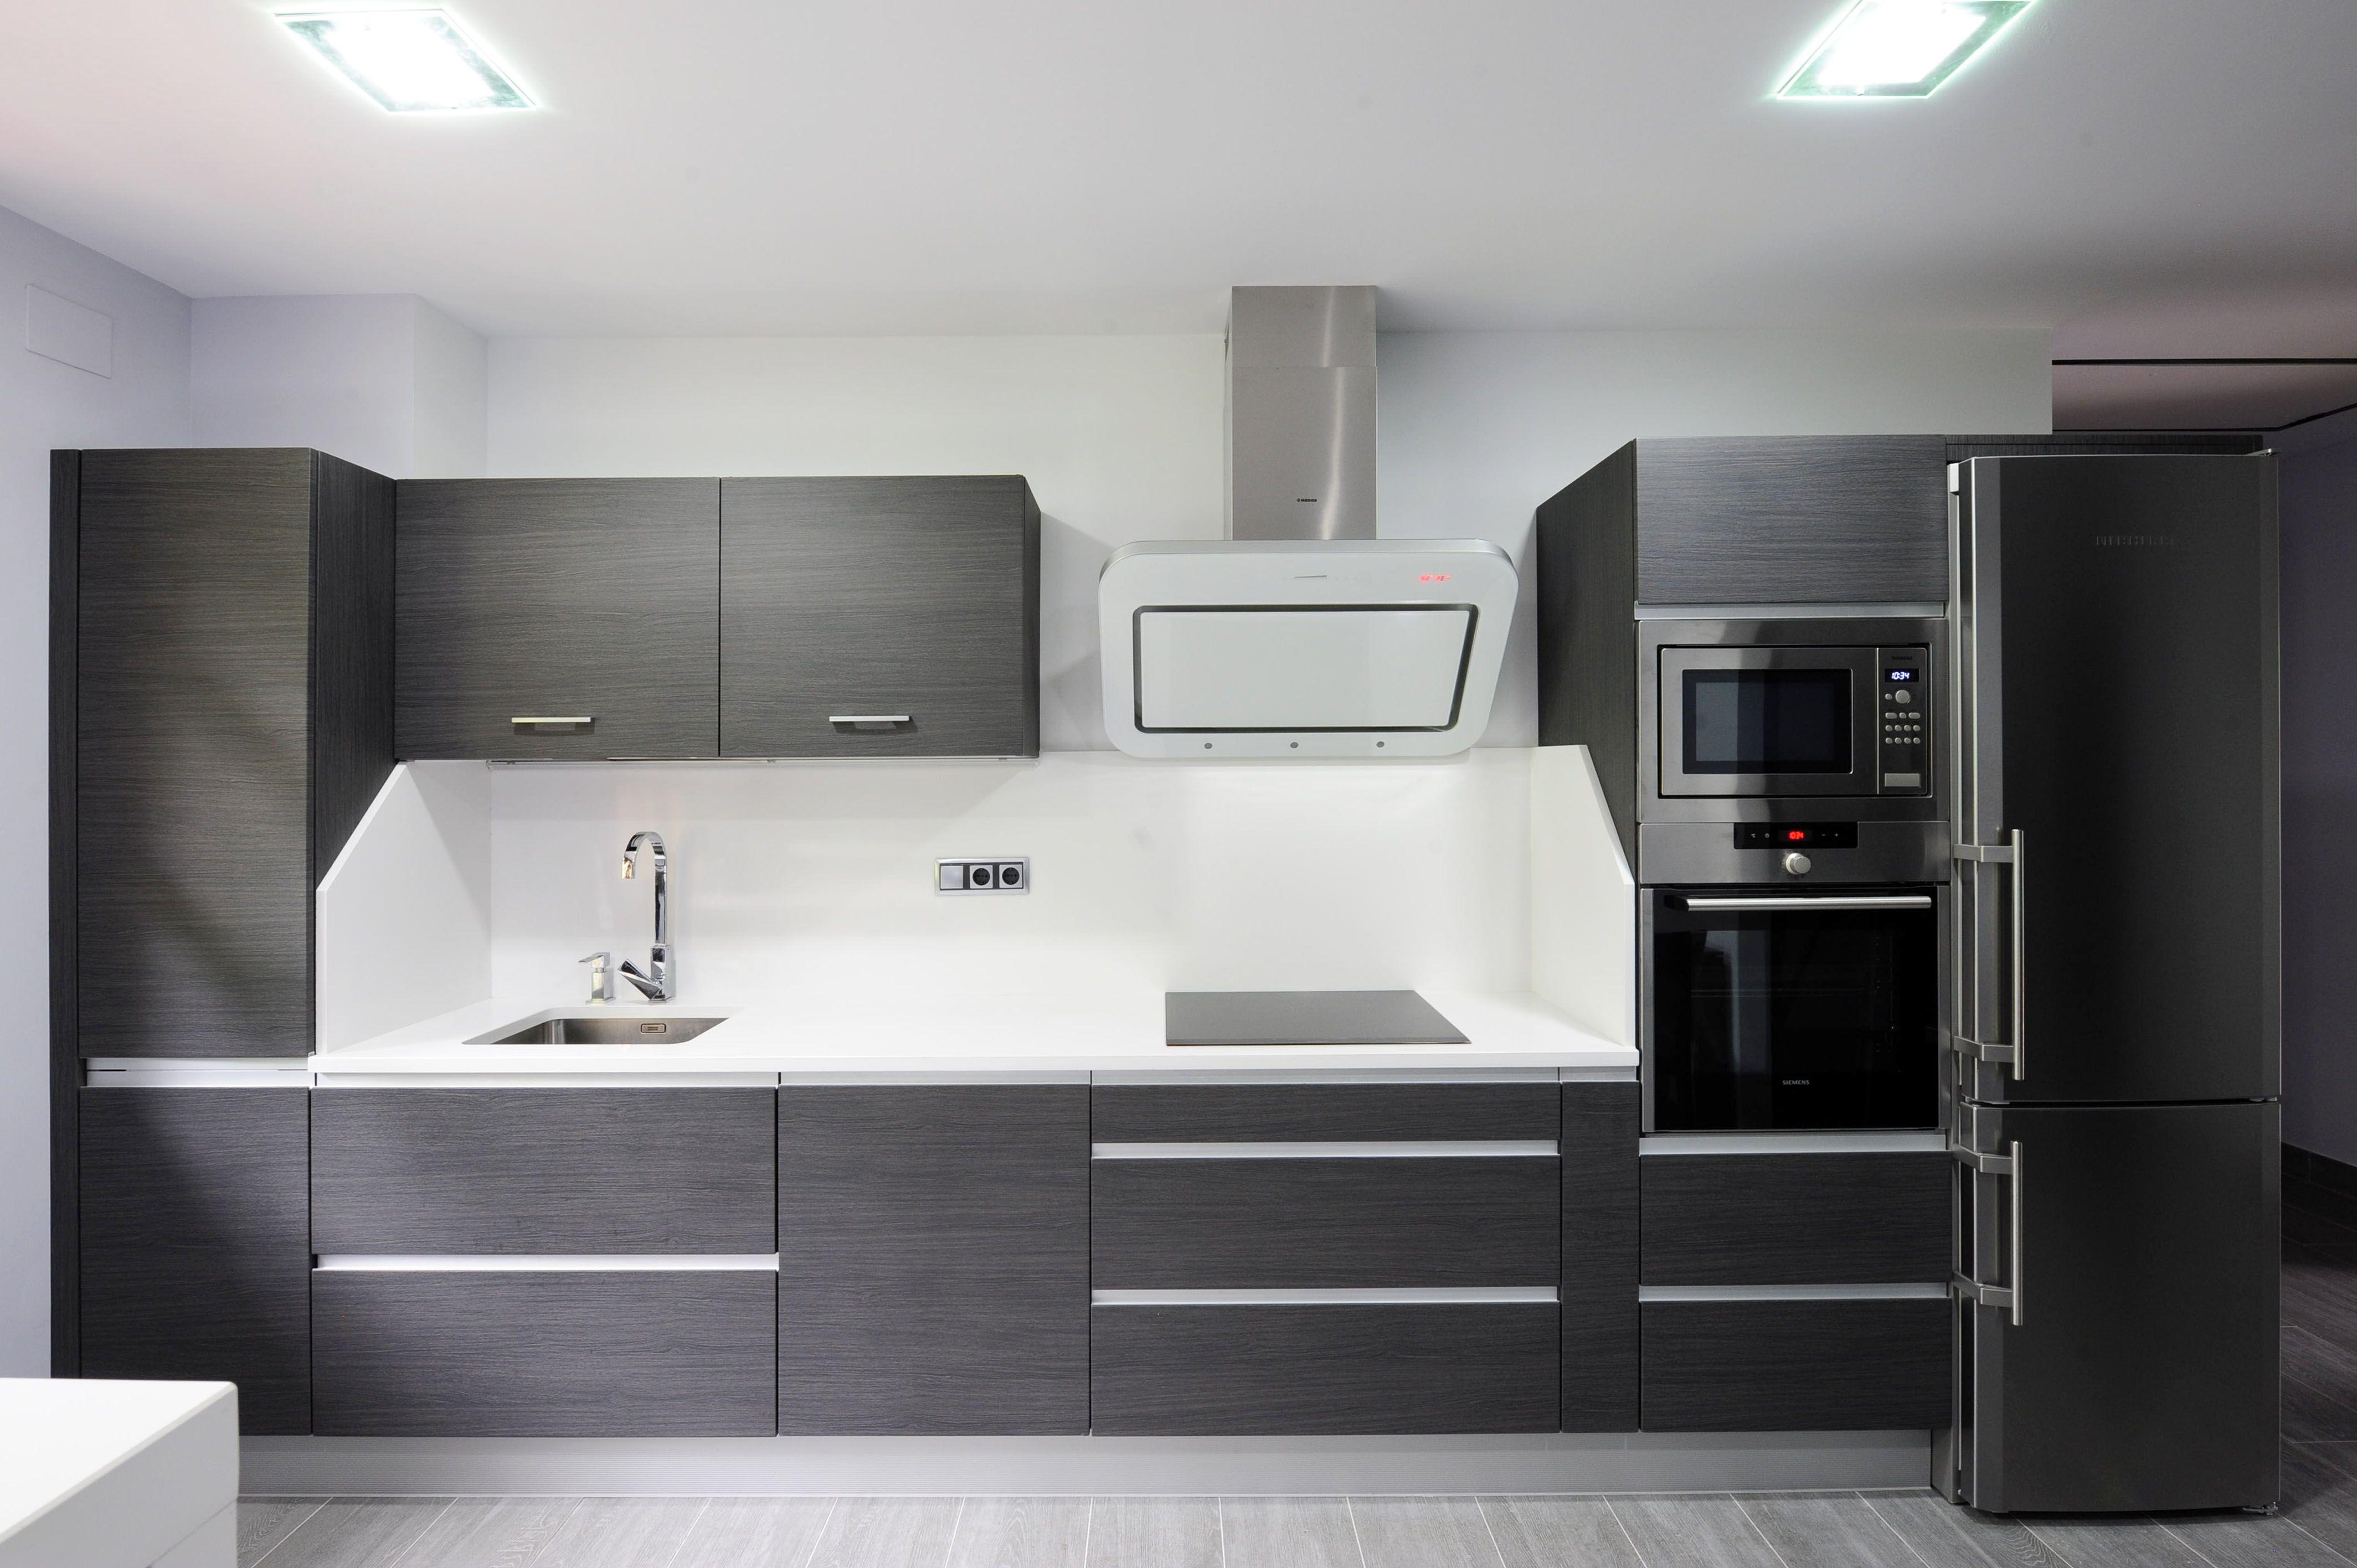 Esta Cocina Ha Sido Disenada E Instalada Por Karsuk De Bera Esta Realizada En Melamina Y Cuent Decoracion De Cocina Moderna Muebles De Cocina Diseno De Cocina